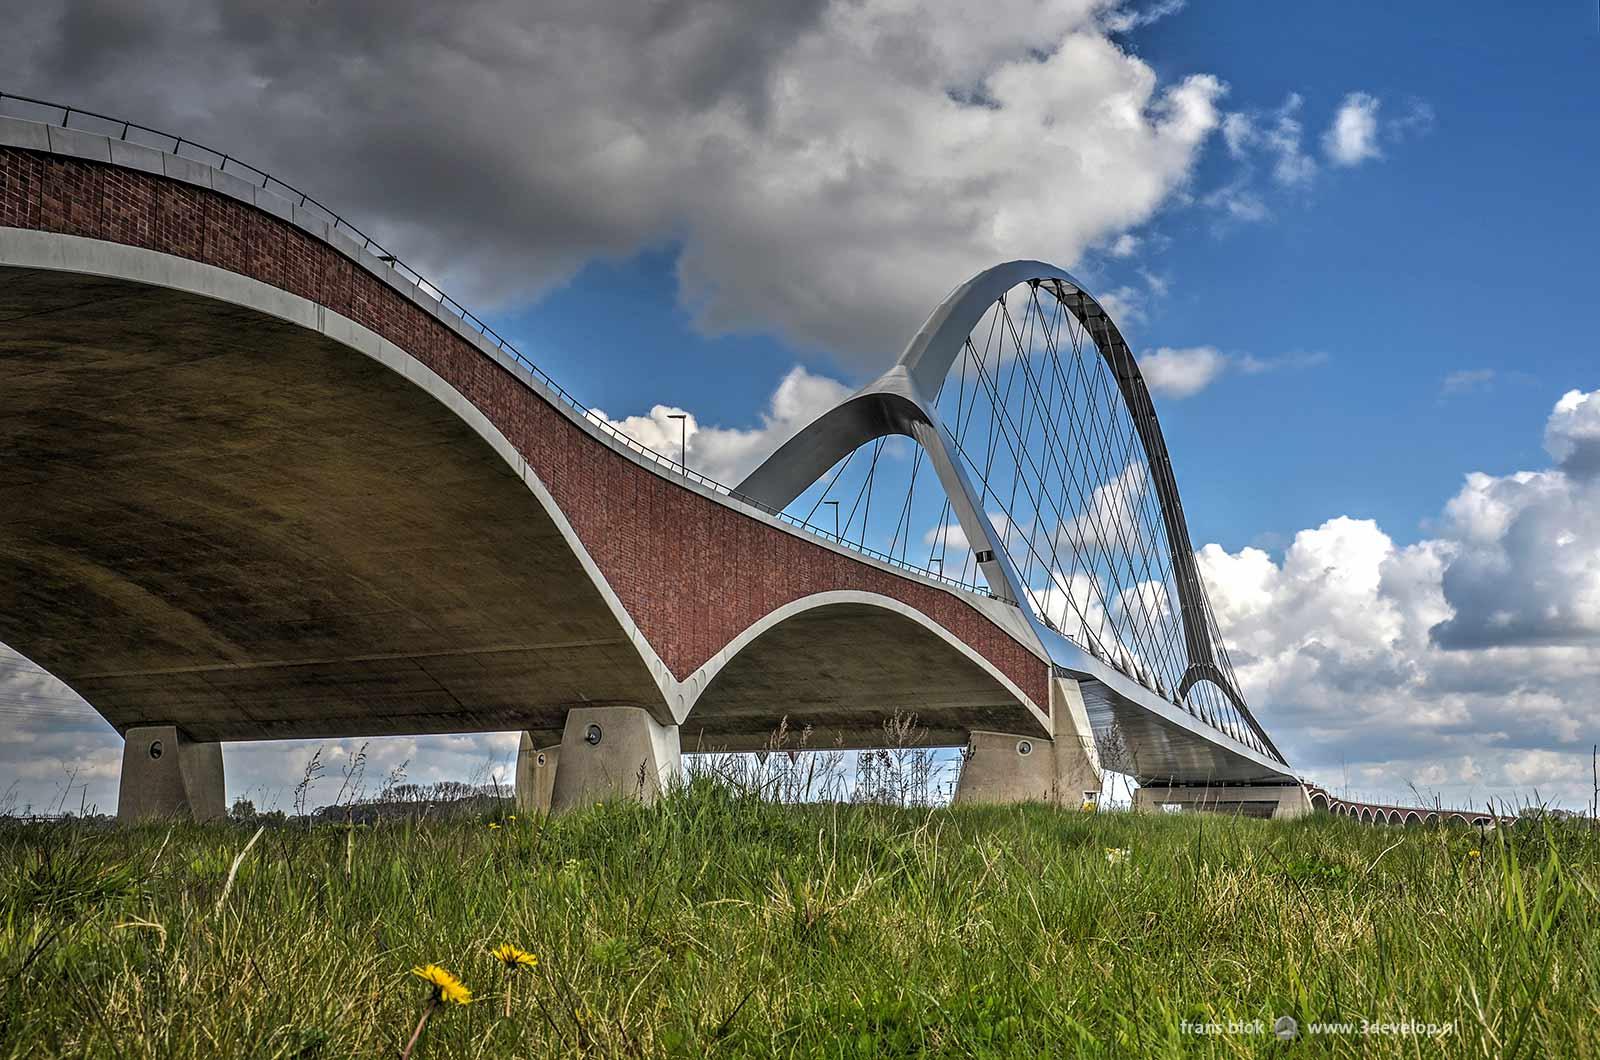 De sierlijke bogen van stadsbrug de Oversteek in Nijmegen, gezien vanaf de zuidelijke oever van de Waal